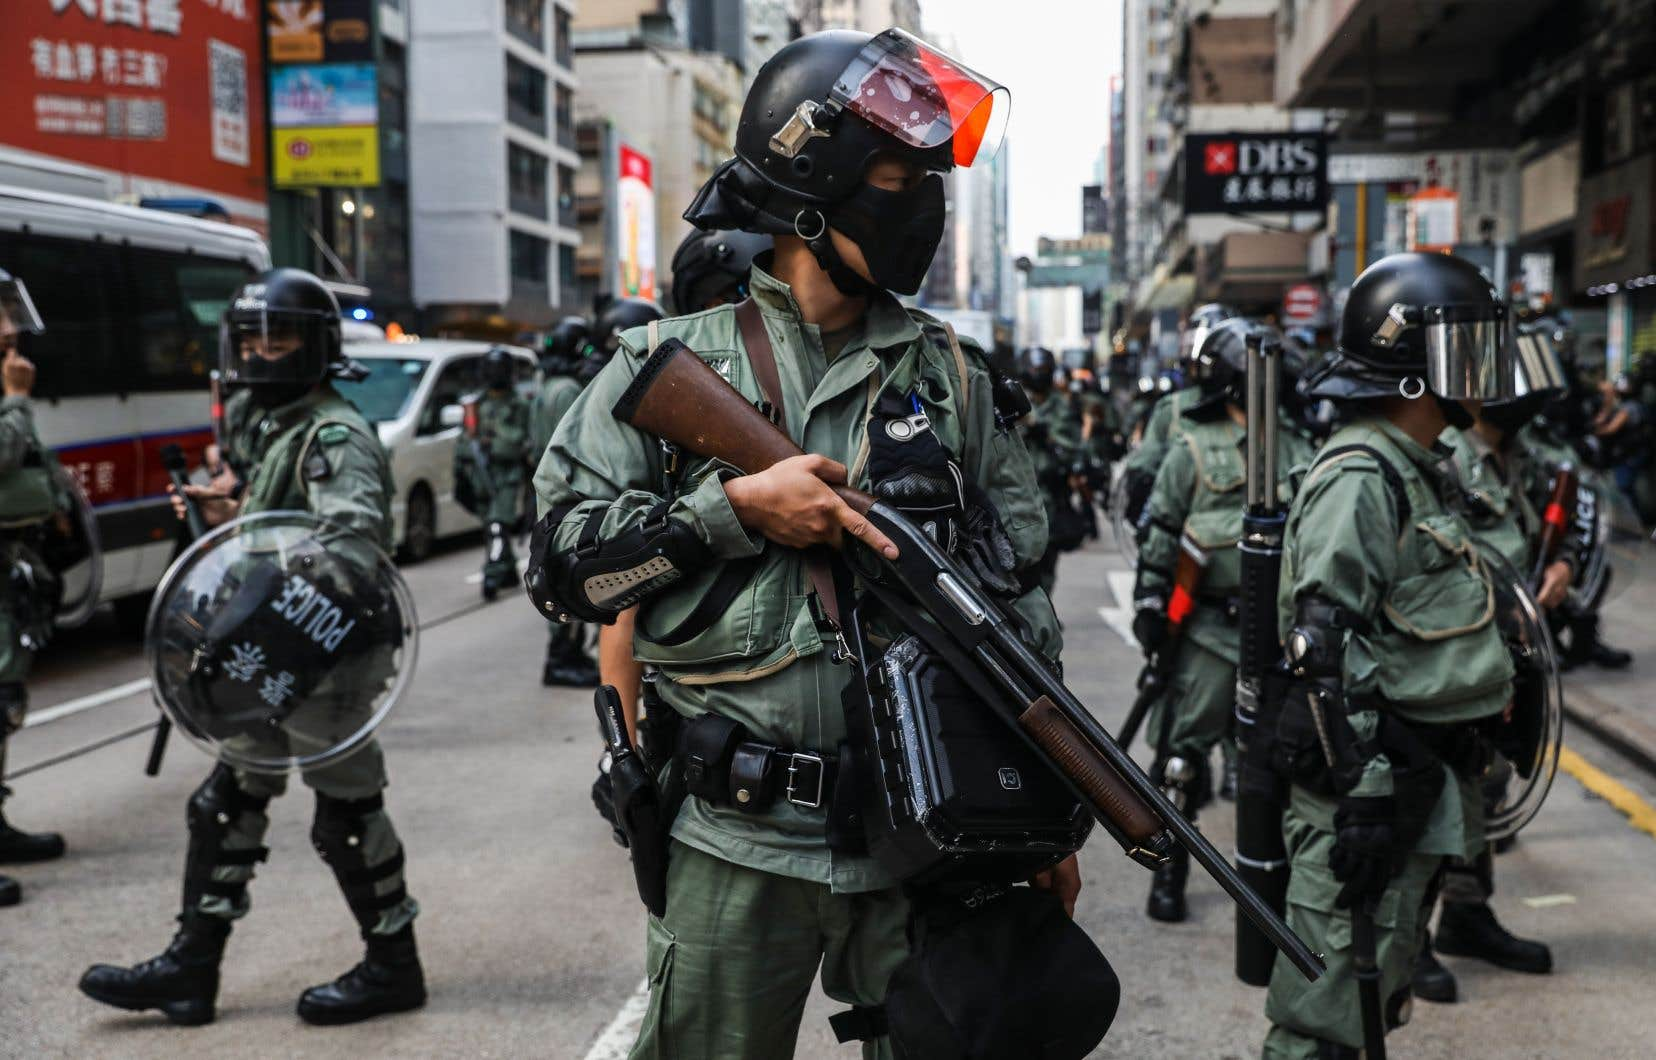 Les forces de l'ordre ont arrêté des dizaines de participants à des actions organisées dans une demi-douzaine de quartiers.